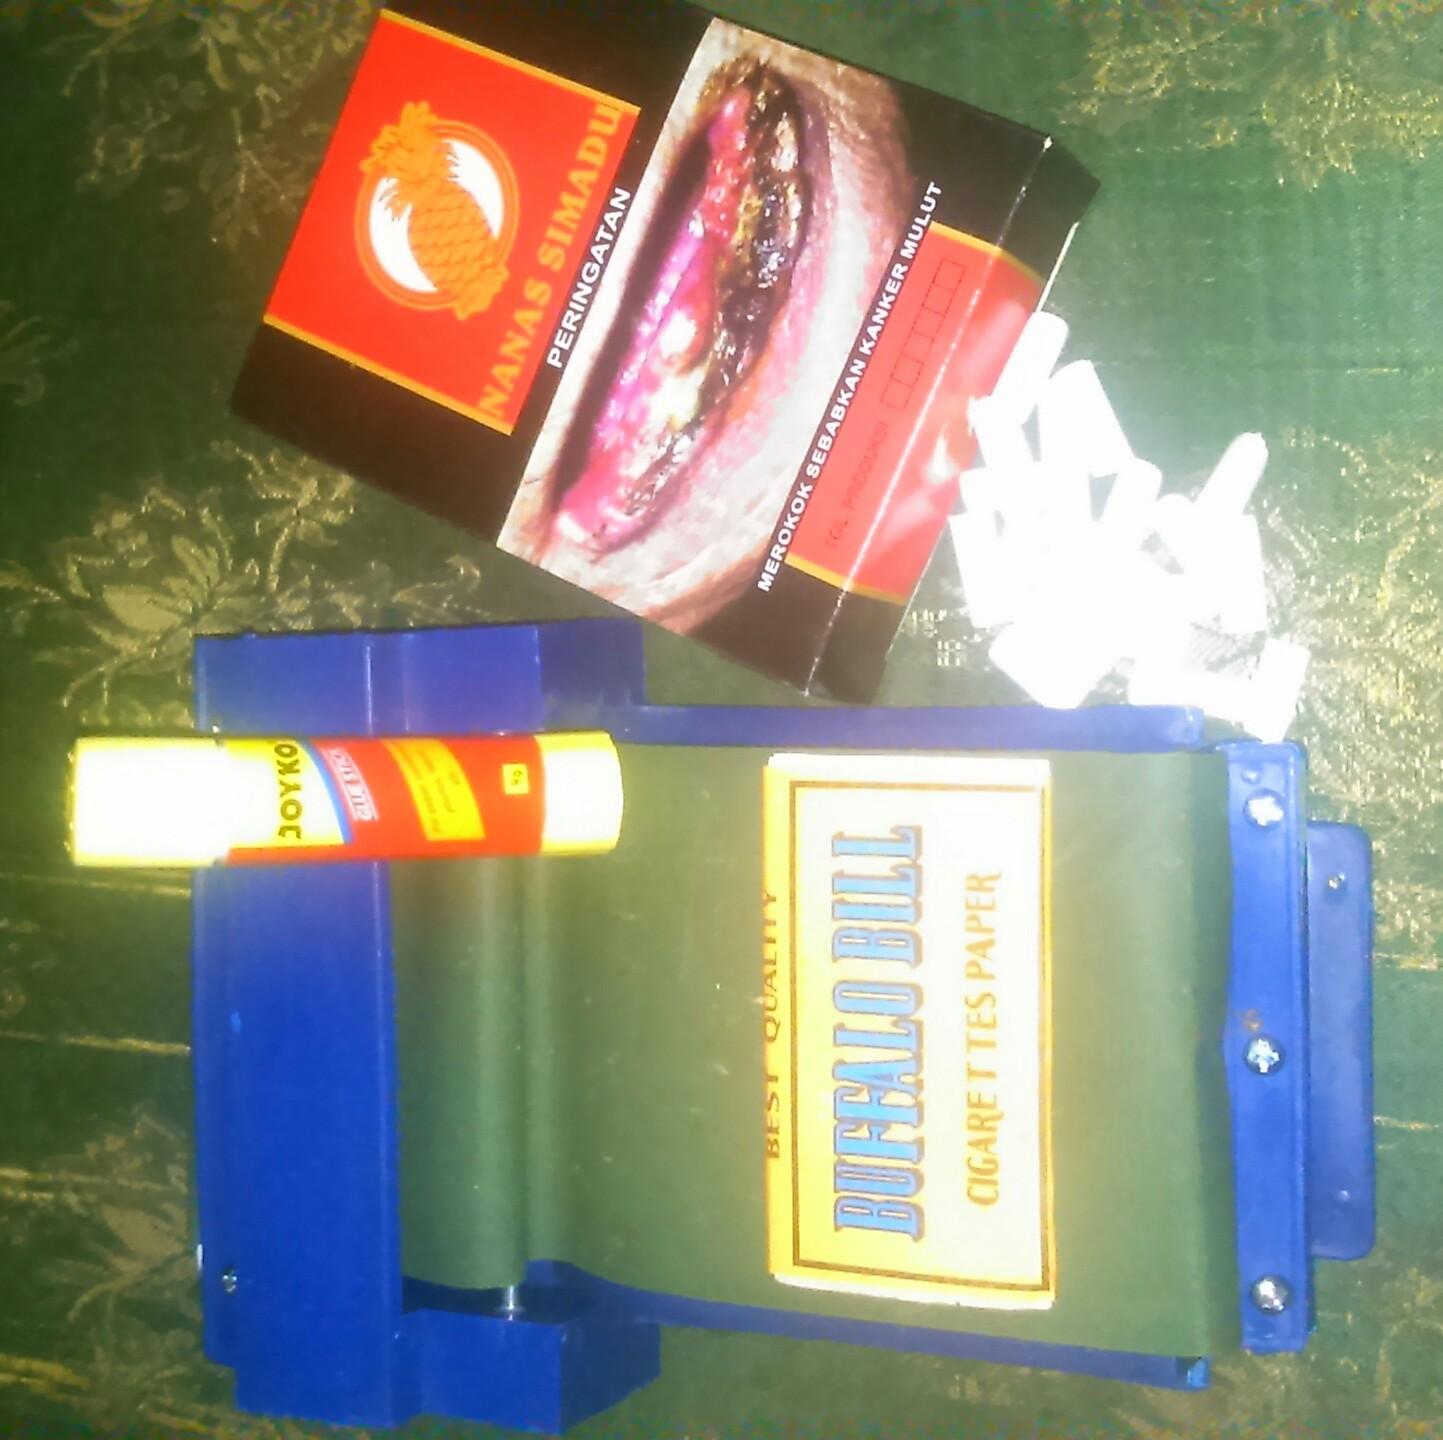 Jual Alat Lintingtembakau Rasapapirlemfilter Satu Set Thian Linting Rokok Atau Mesin Thiansmole Tokopedia